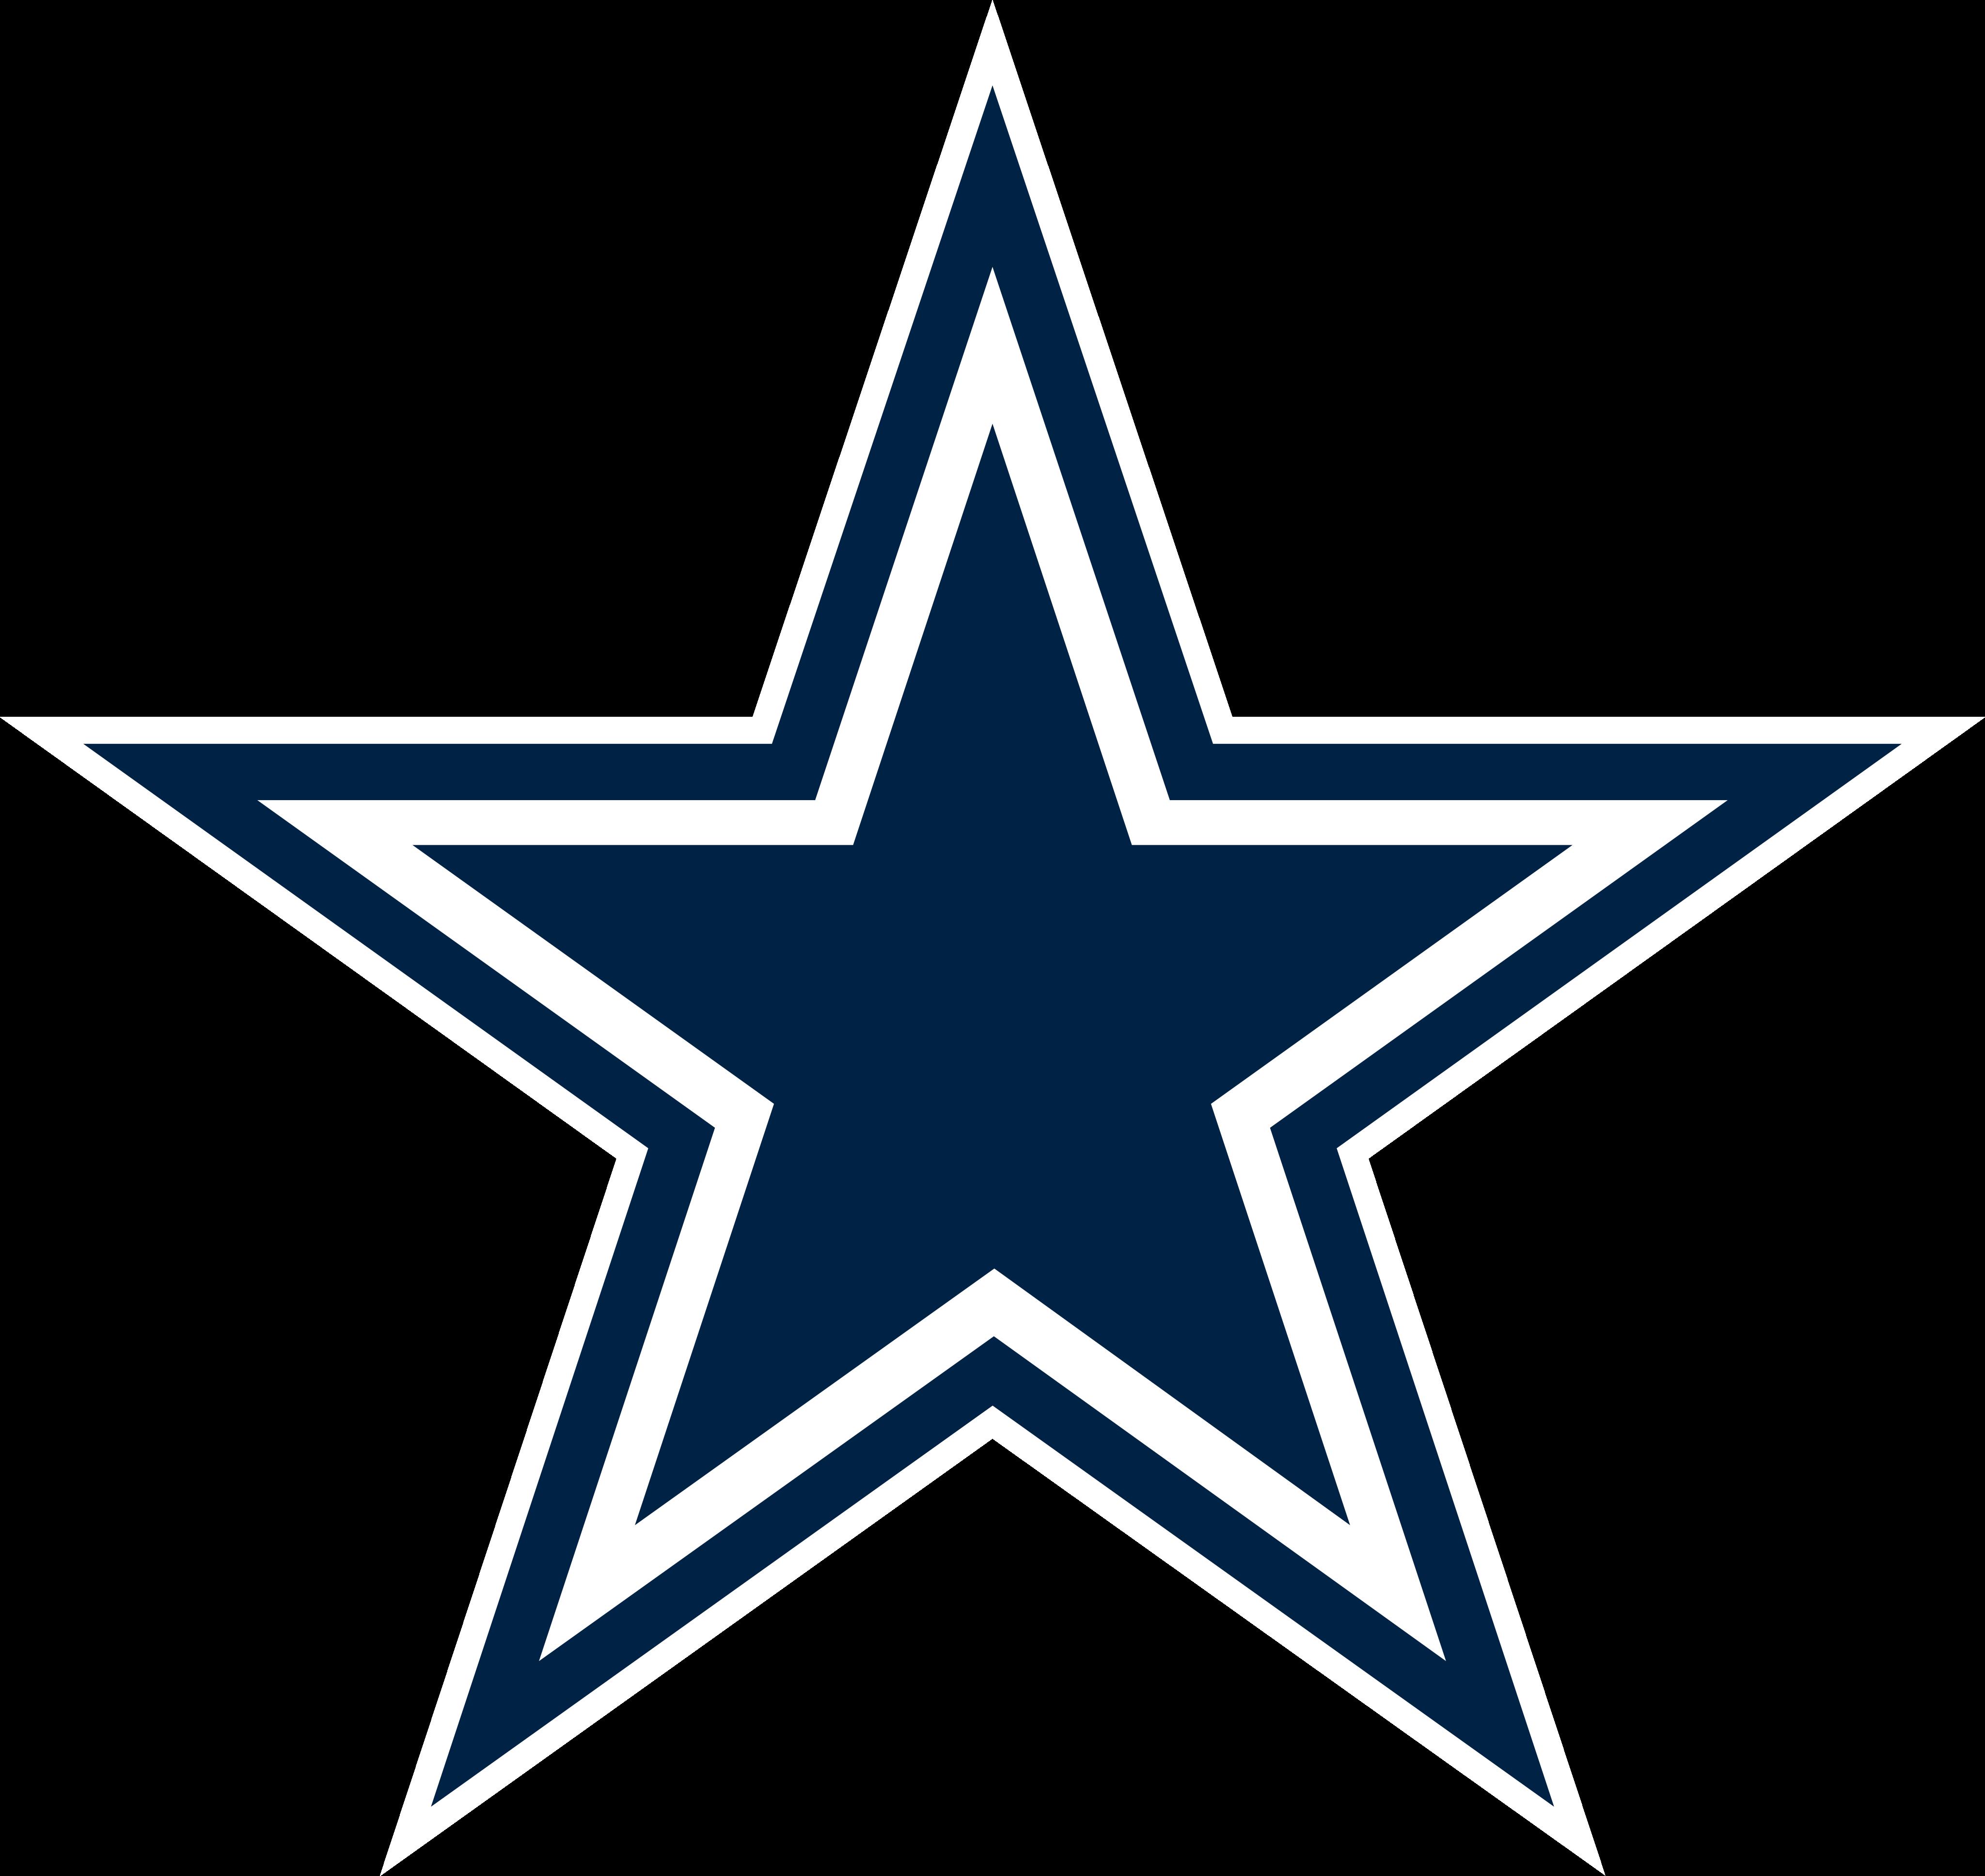 dallas cowboys logo 1 - Dallas Cowboys Logo